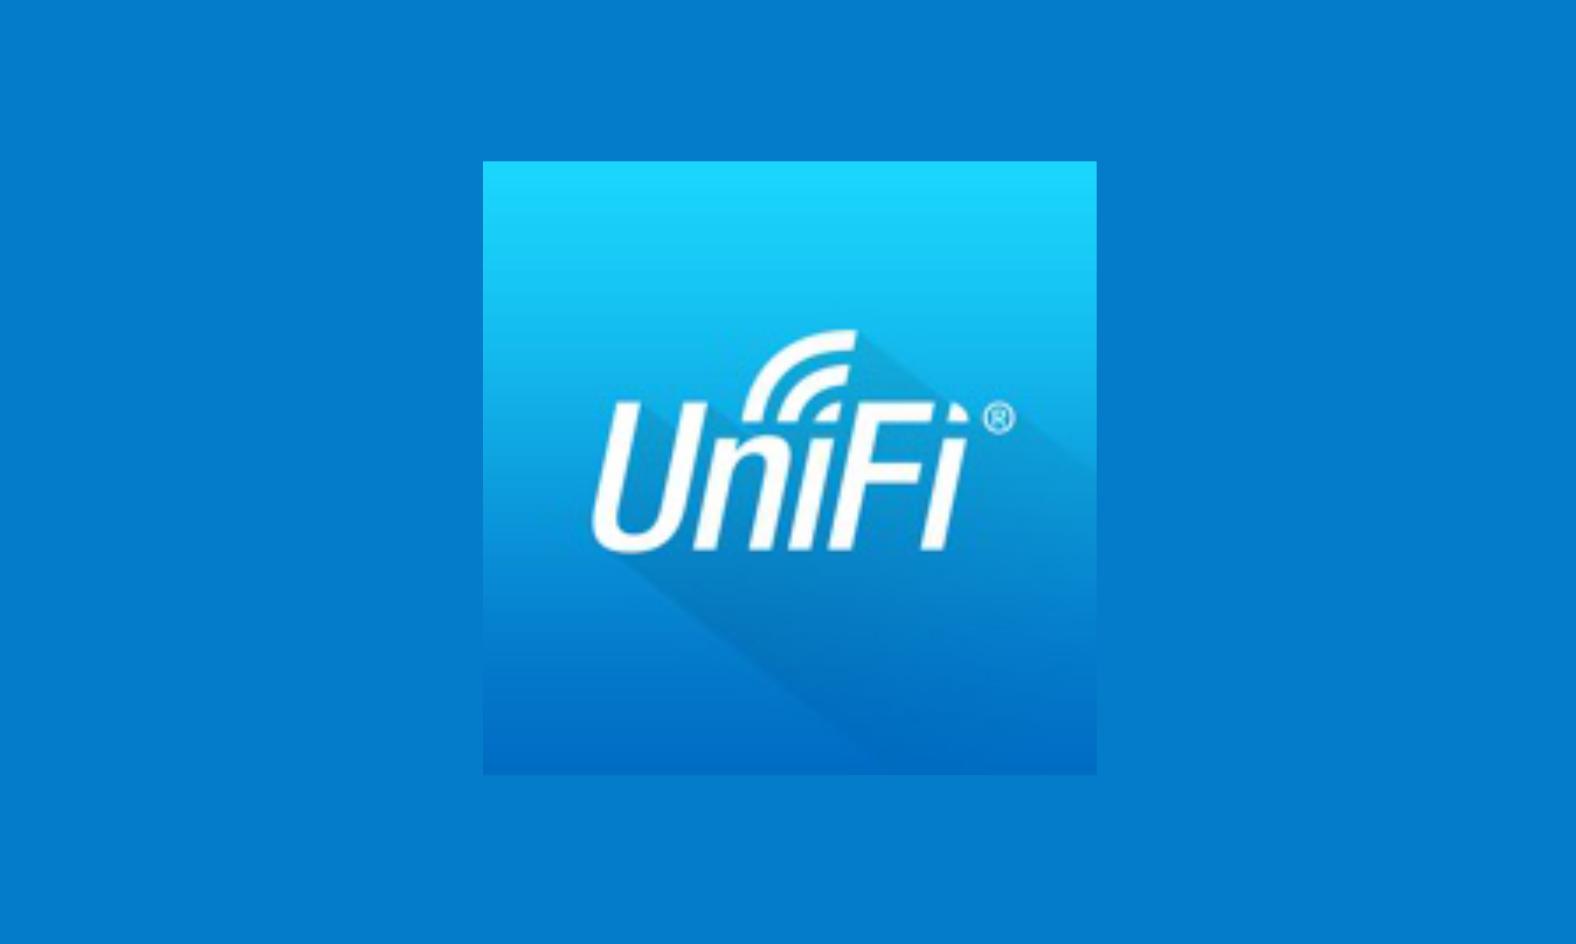 como-instalar-o-unifi-um-controlador-de-rede-unifi-nao-oficial-no-ubuntu-linux-mint-fedora-debian